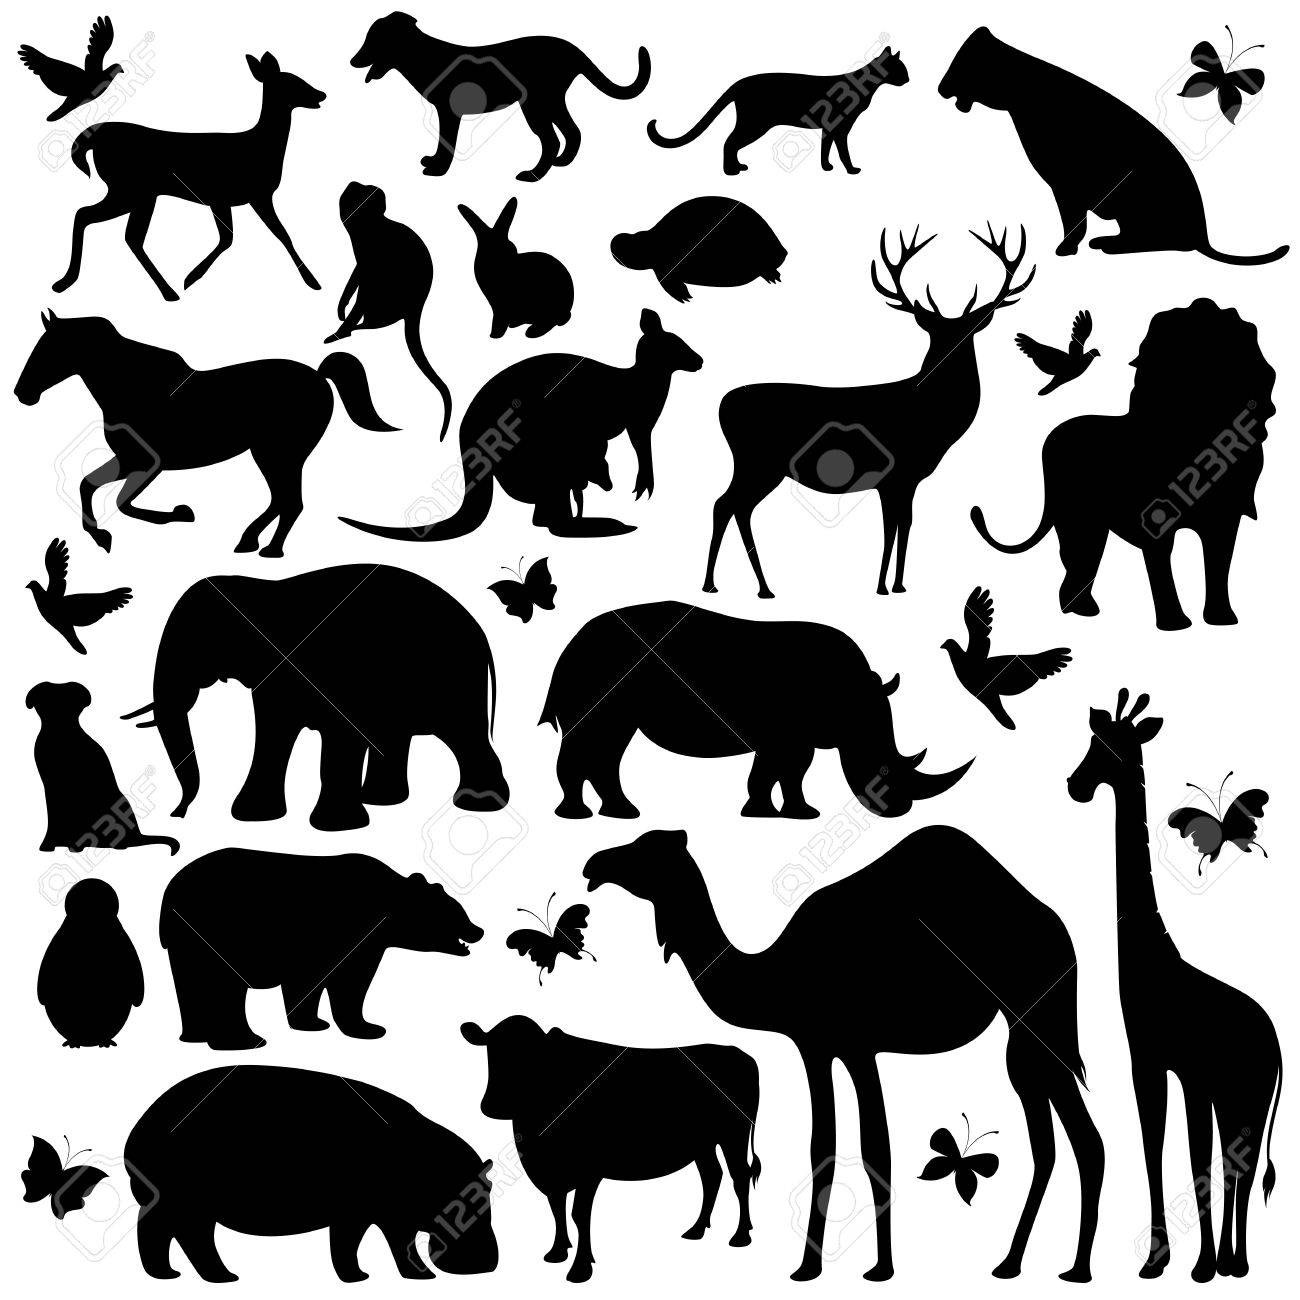 孤立した背景に動物のシルエットのコレクションのイラスト ロイヤリティ